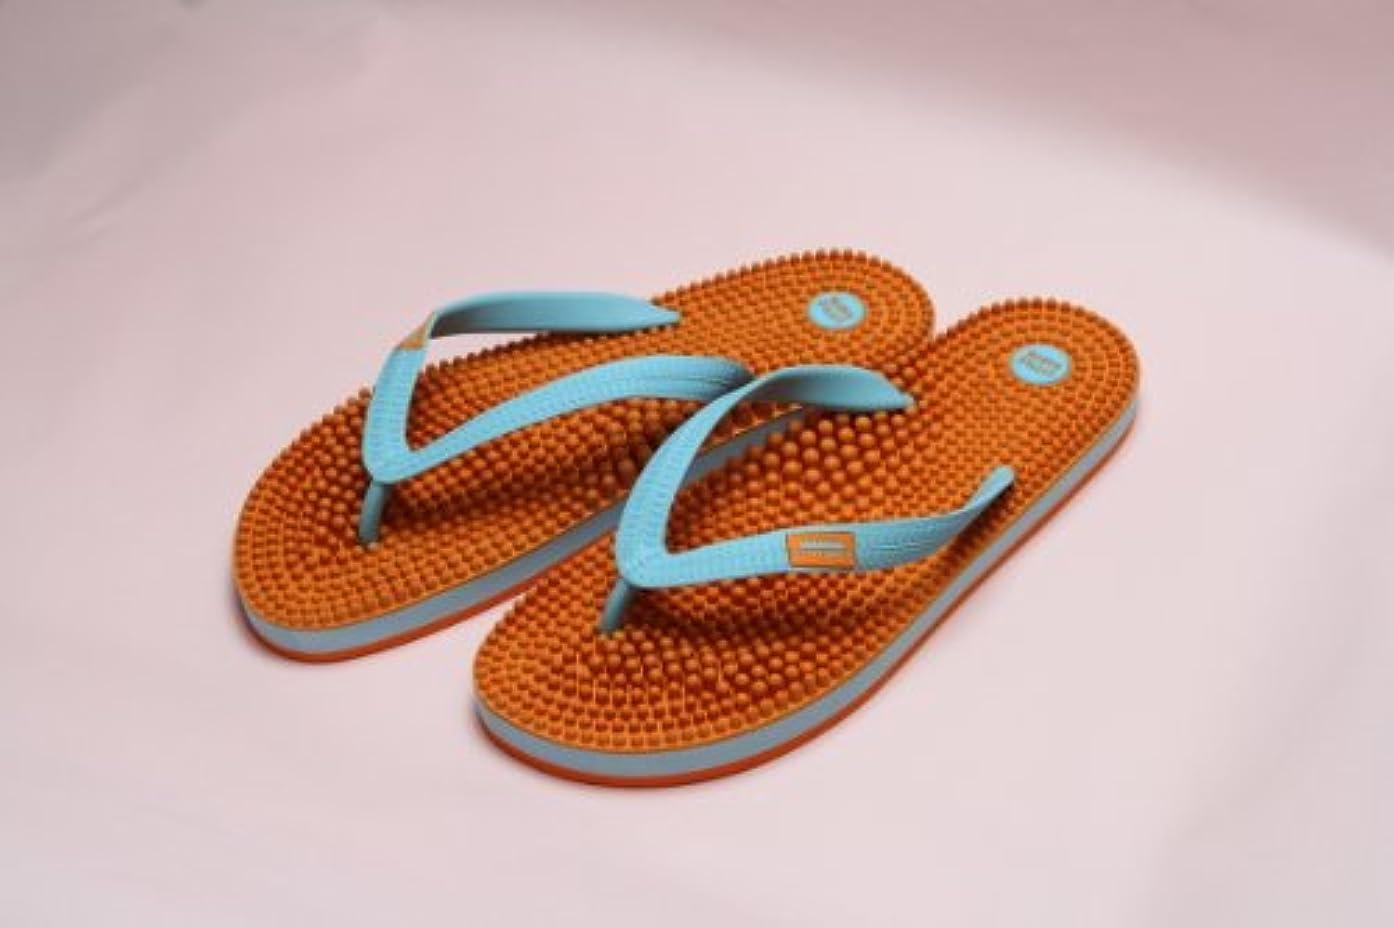 予防接種する水っぽい電気技師リトルアース ボディポップ(body+pop) ビーチ(BeacH) 5002 オレンジ/ターコイズ 25cm